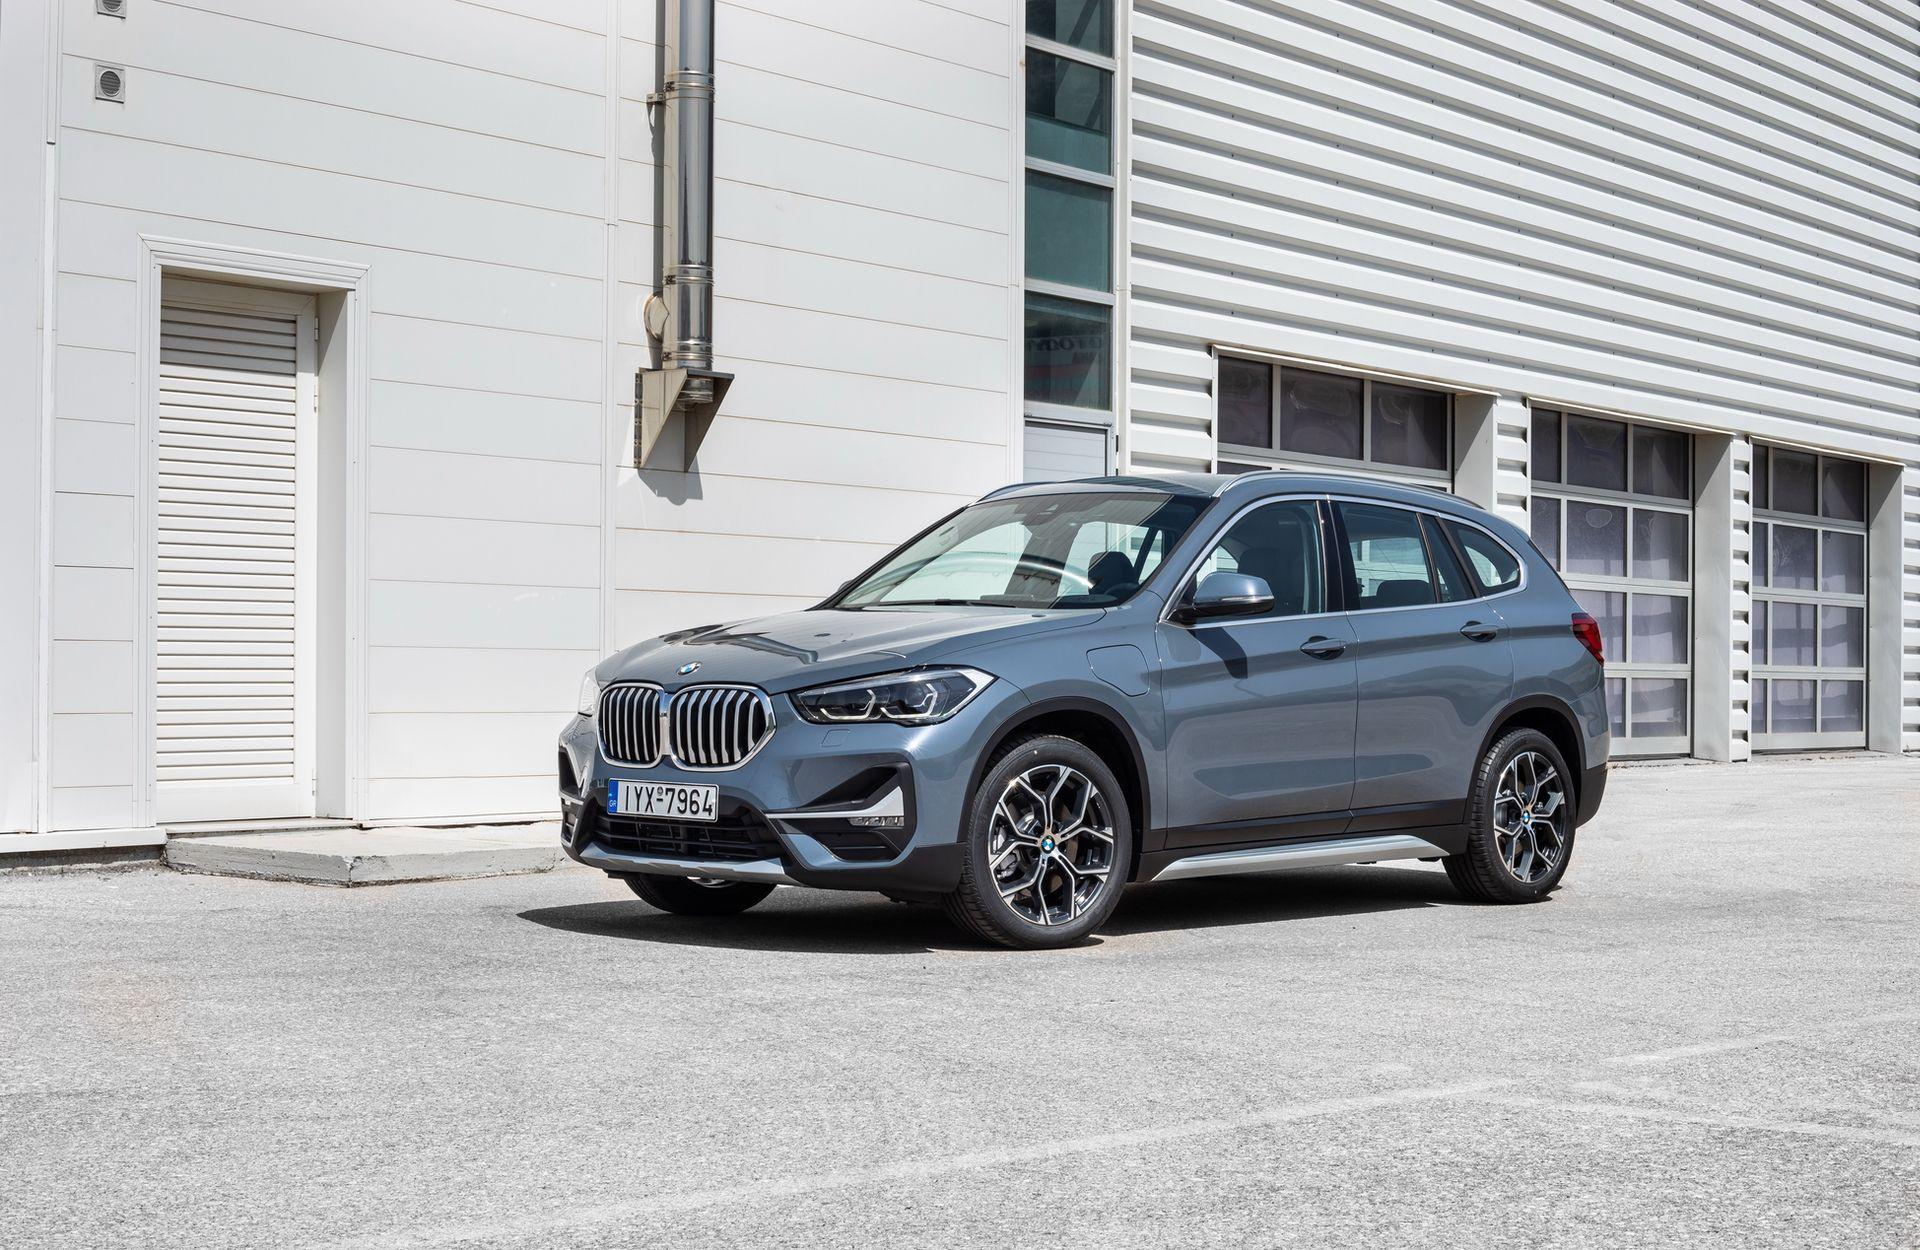 BMW_X1_xDrive25e_Greek_0010